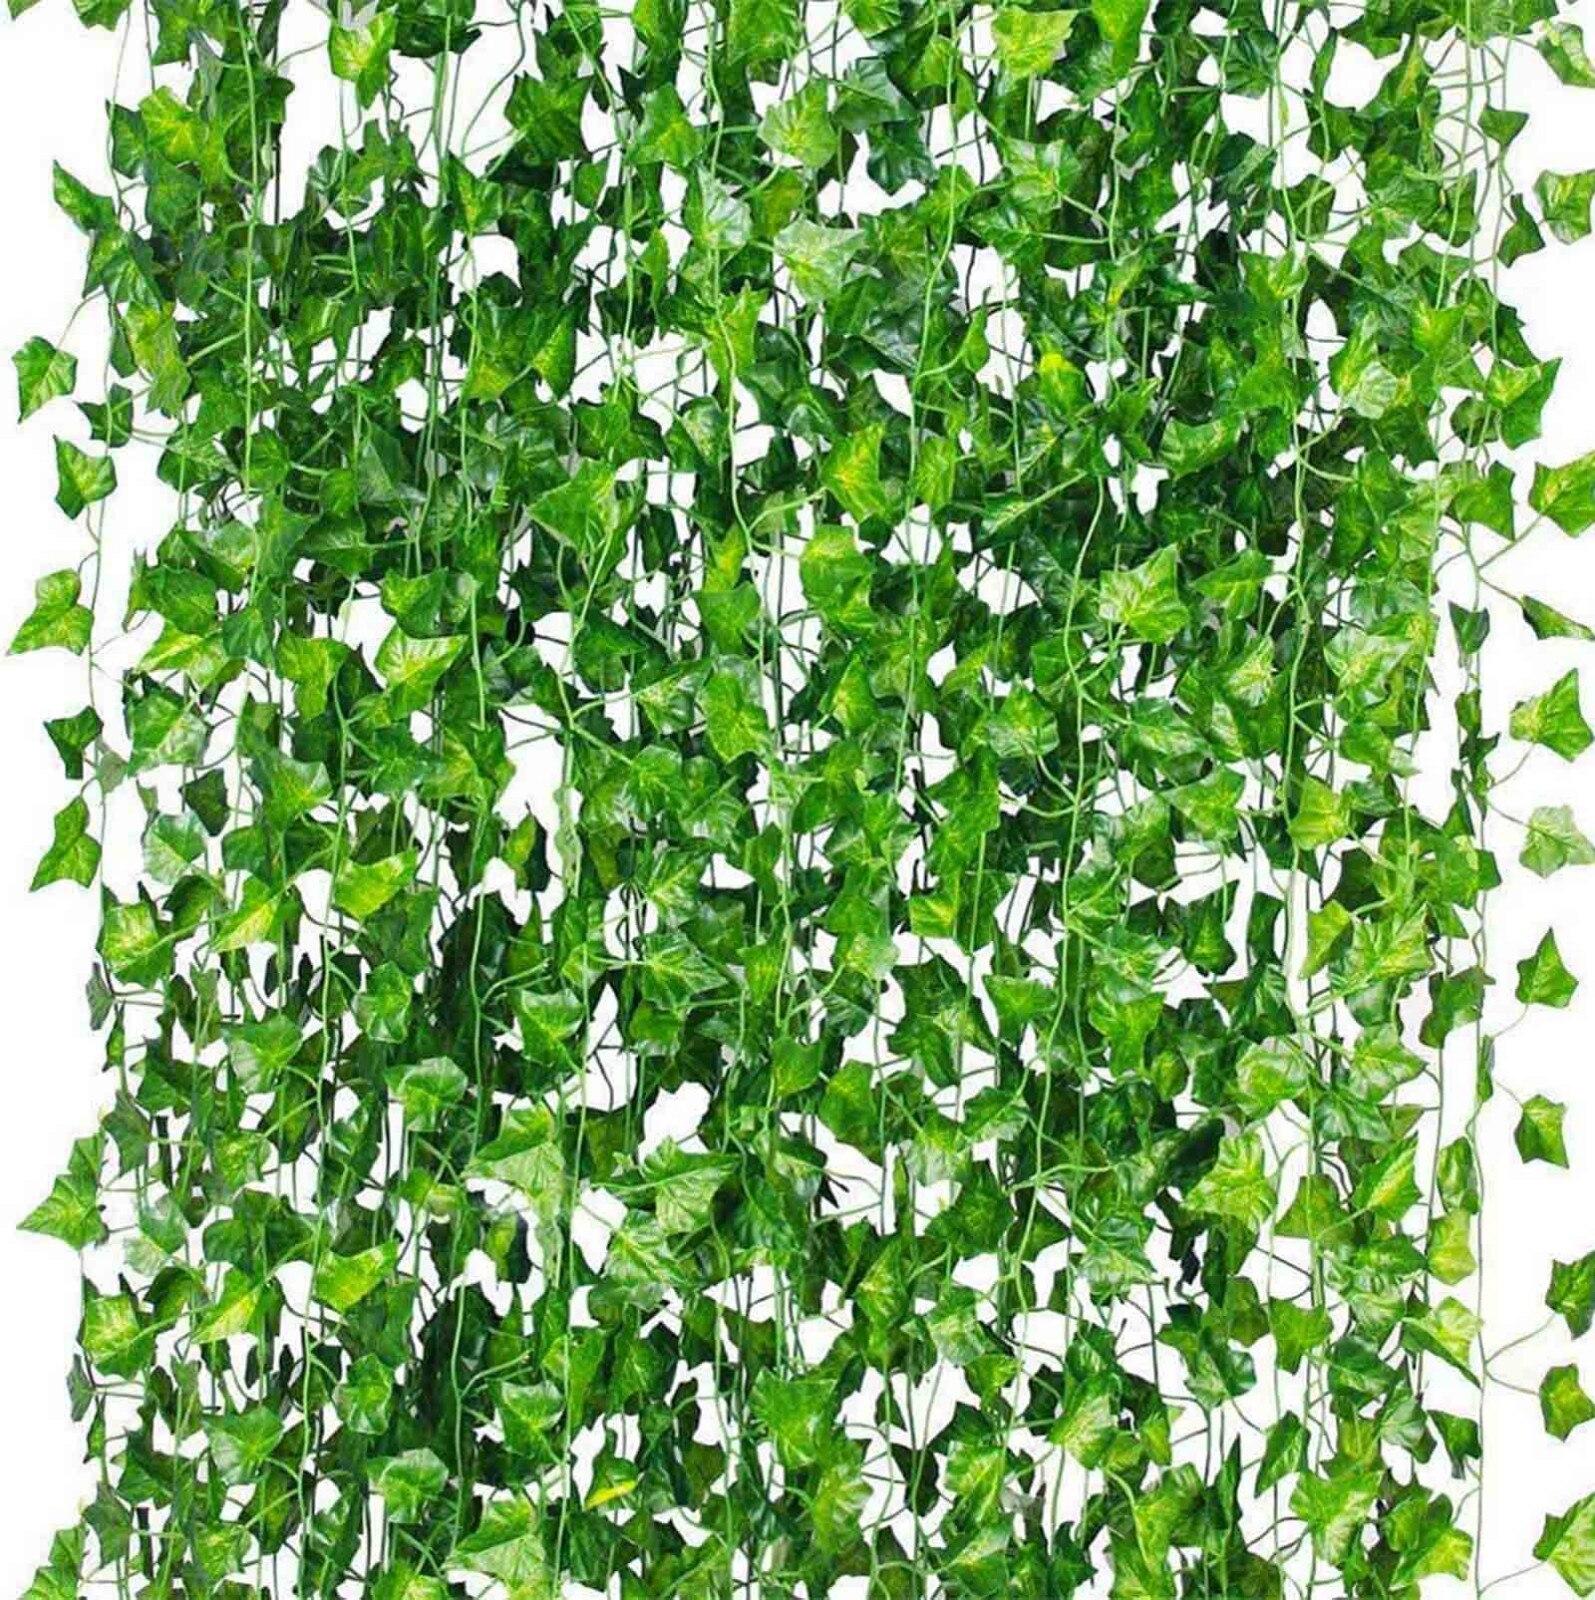 12 нитей 86 FT домашний Декор Искусственный гирлянда из листьев плюща растения искусственная Виноградная лоза Листва Цветы Creeper зеленого цвет...